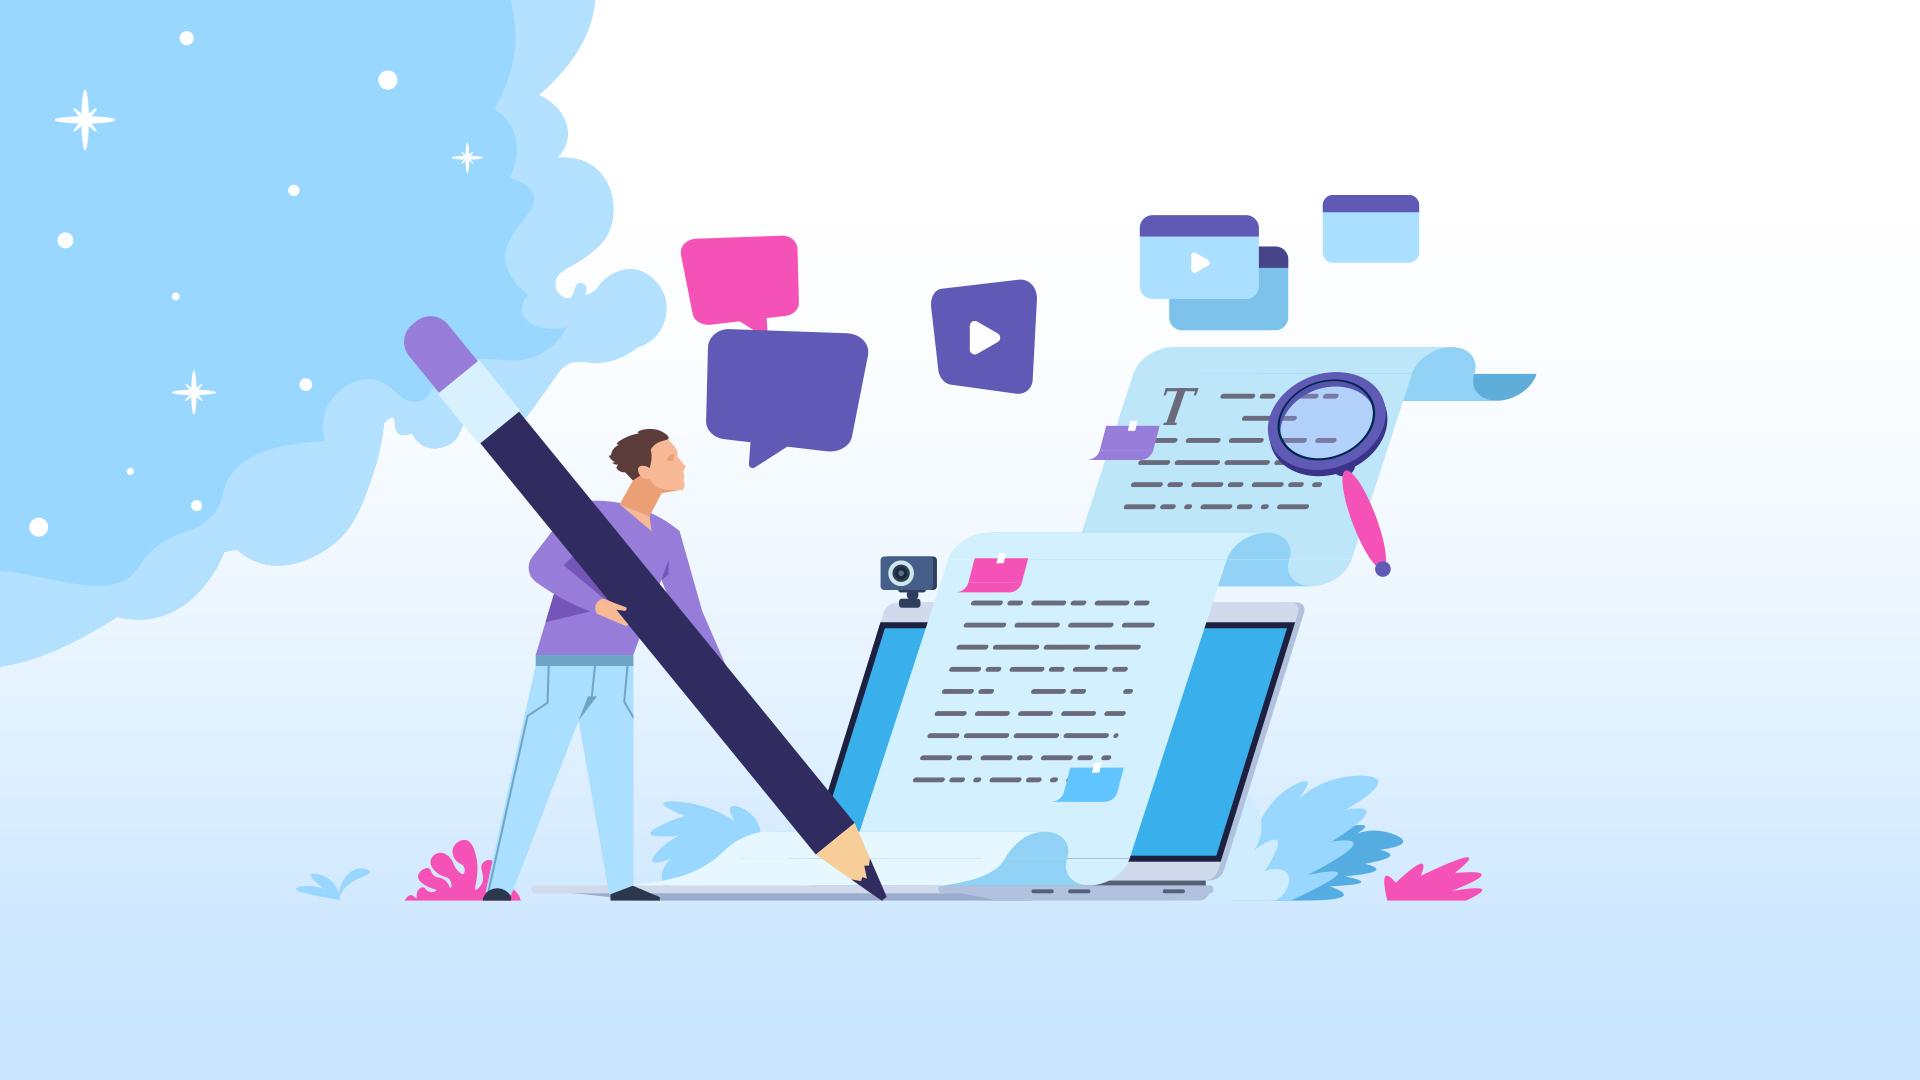 İçerik Pazarlamasında Kullanabileceğiniz Online İnfografik Tasarım Araçları